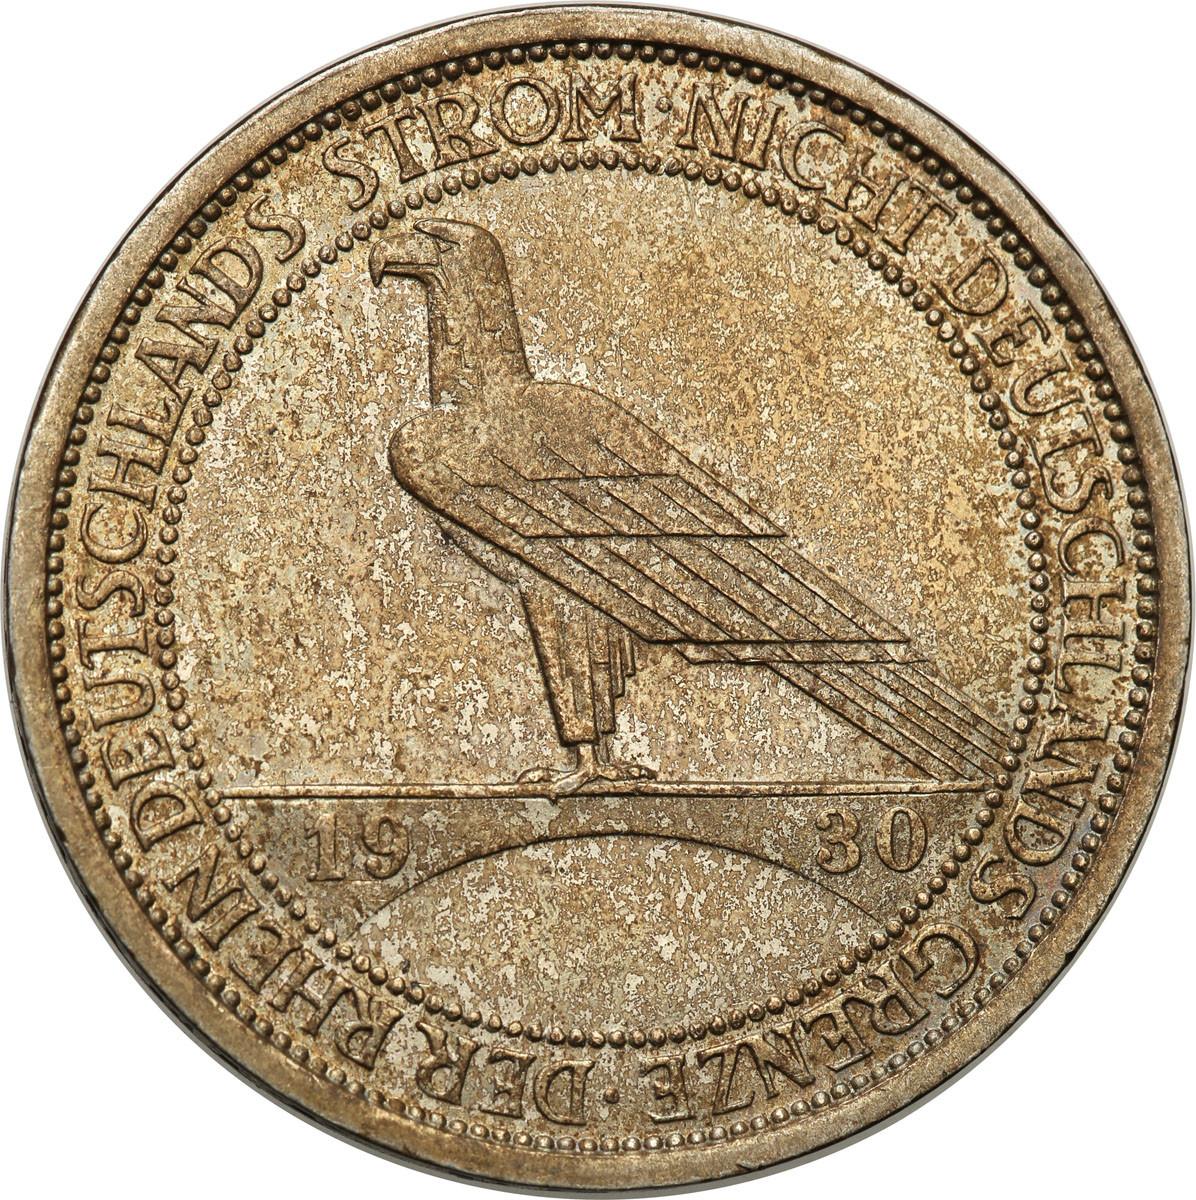 Niemcy Weimar 3 Marki 1930 J Rheinstorm st. 2